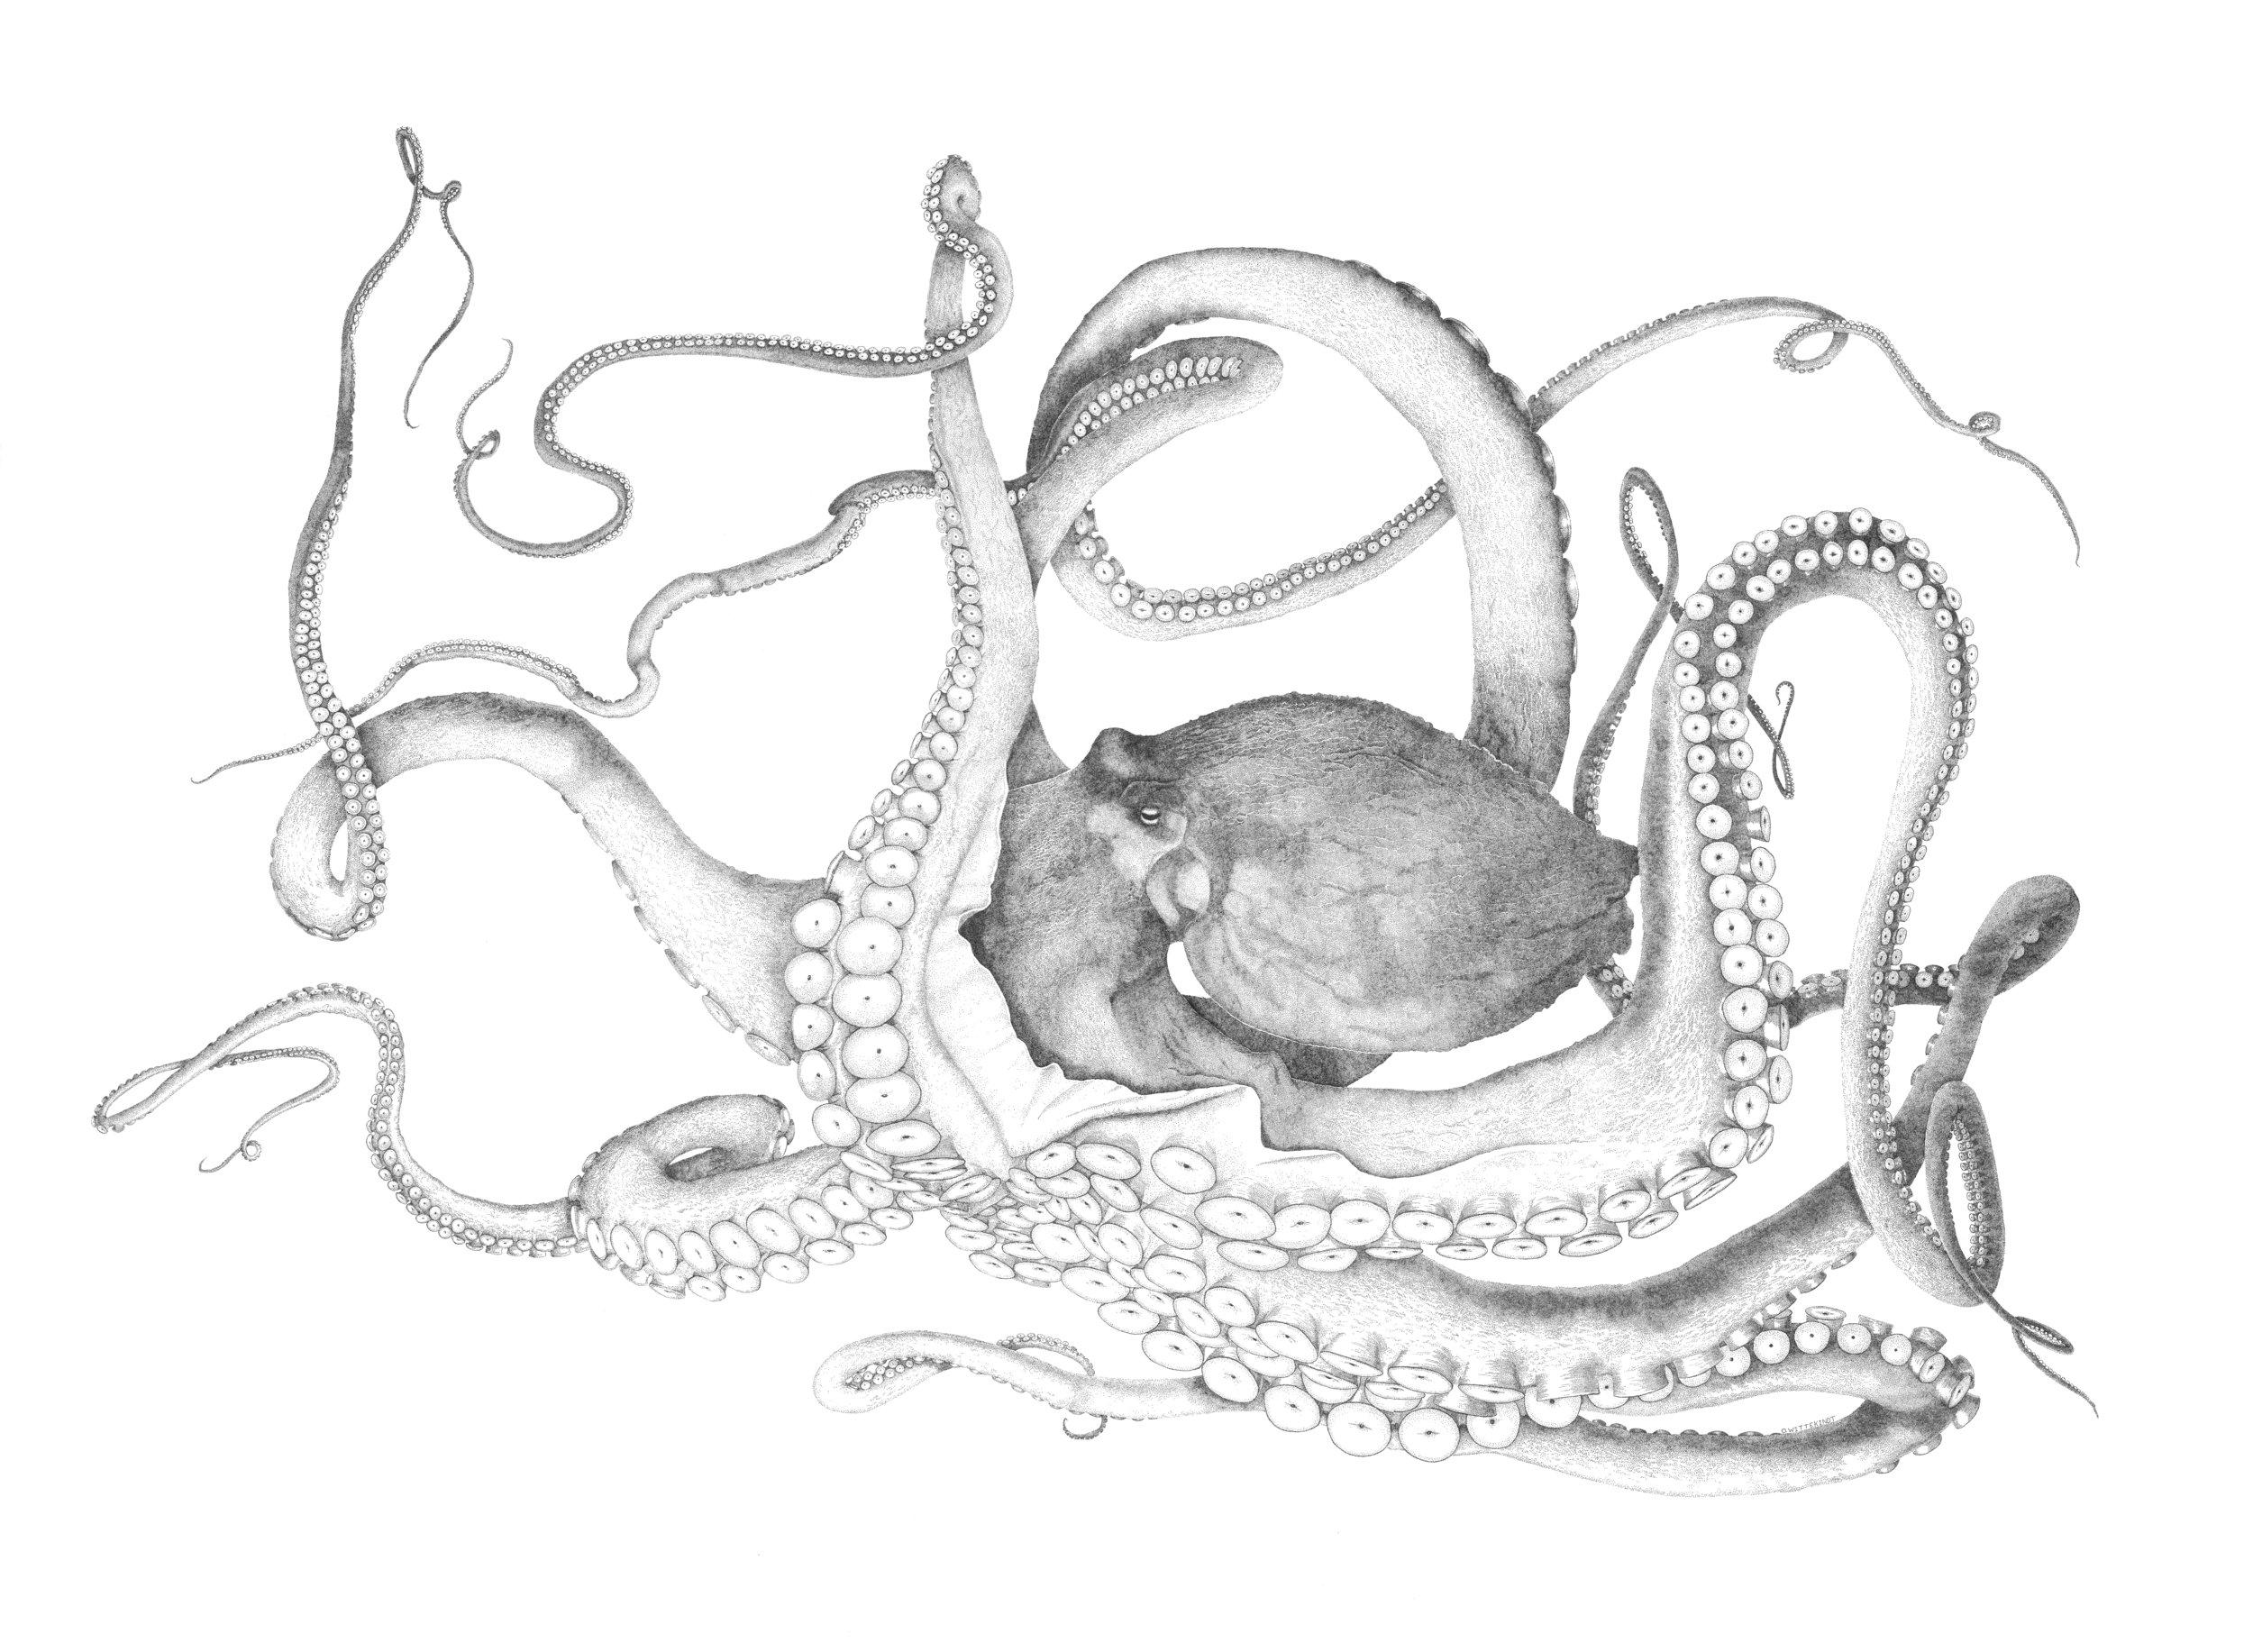 Large Octopus - flattened.jpg